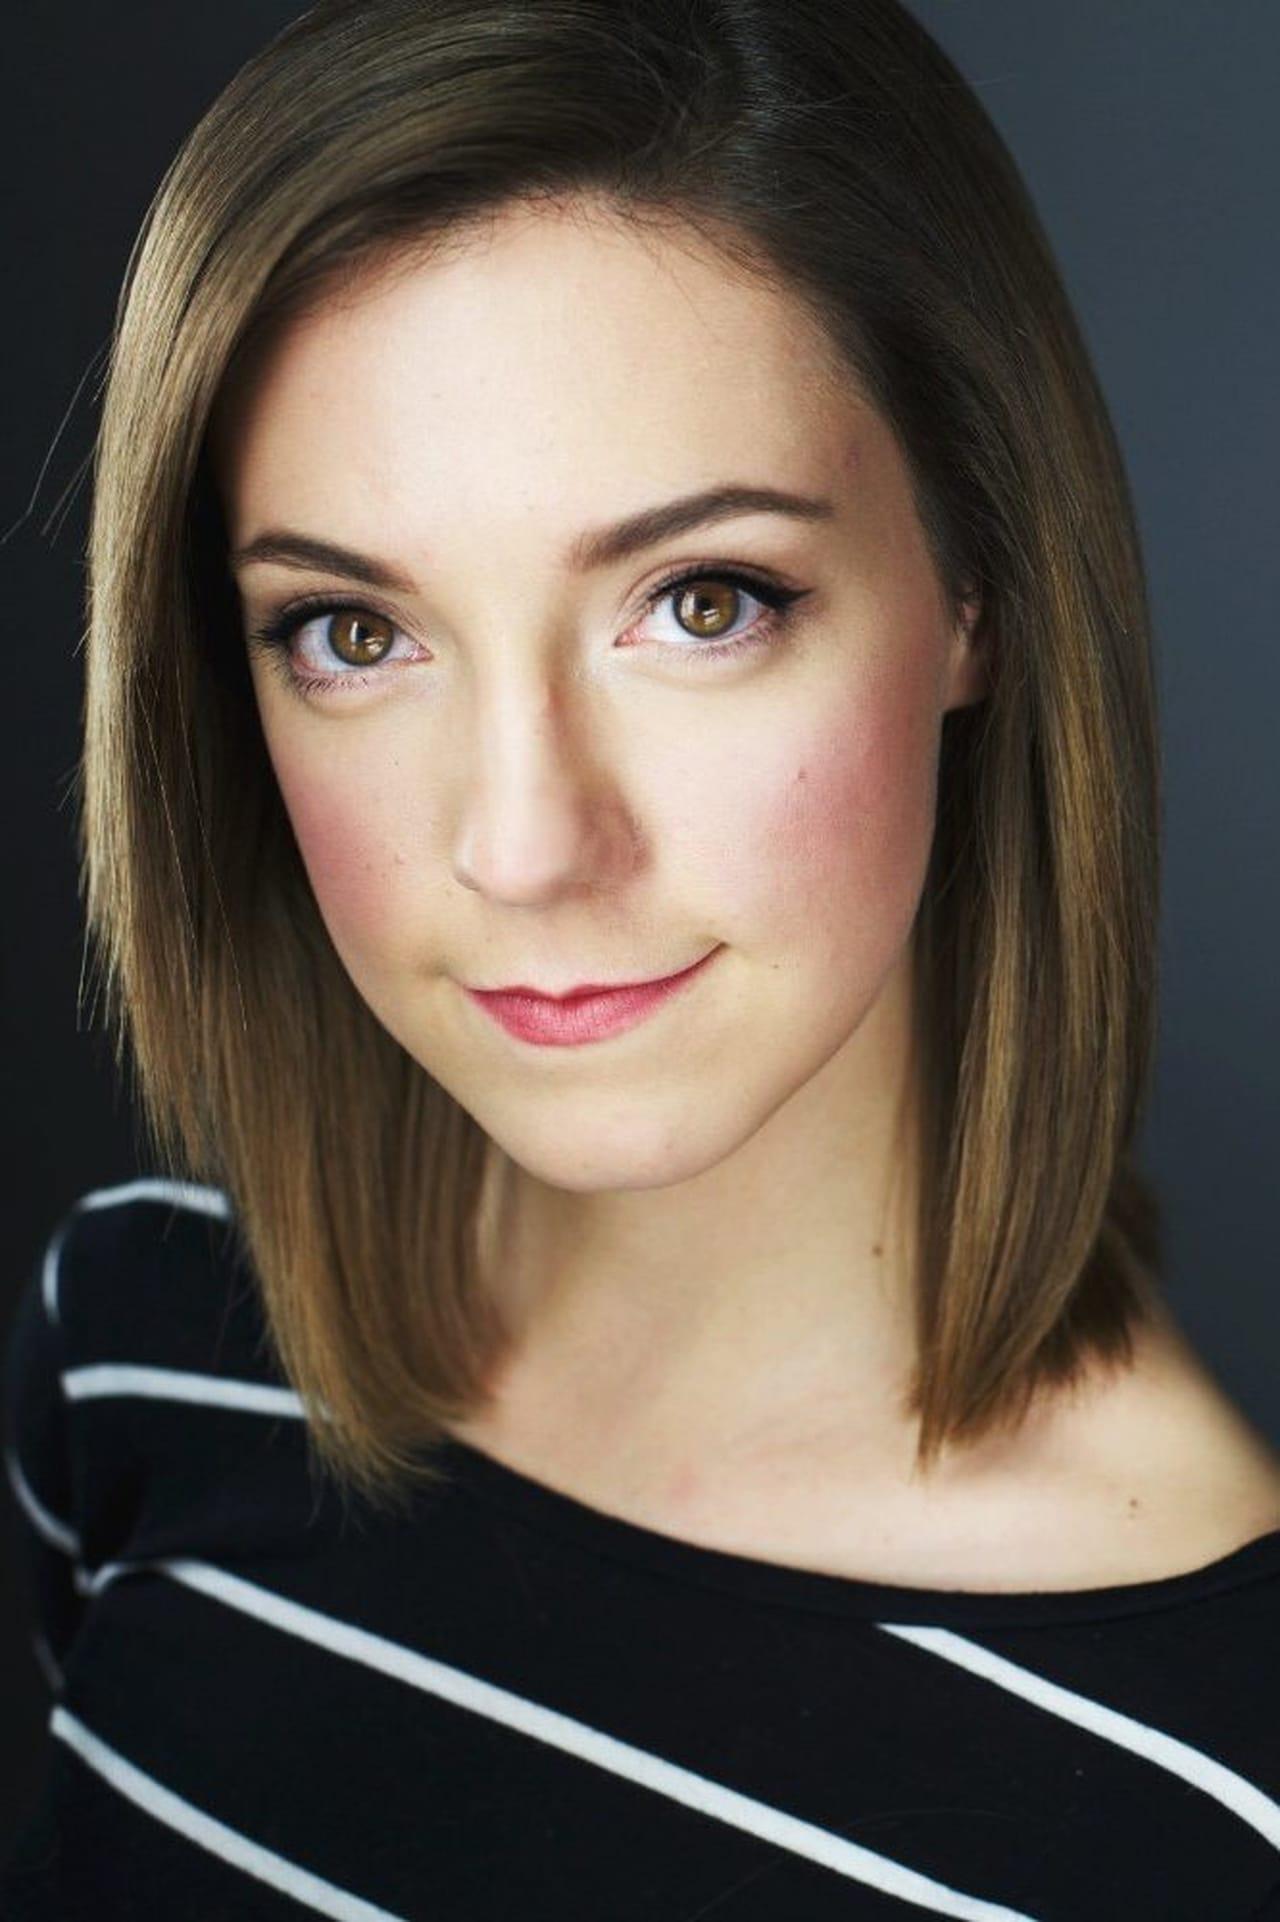 Molly Evensen